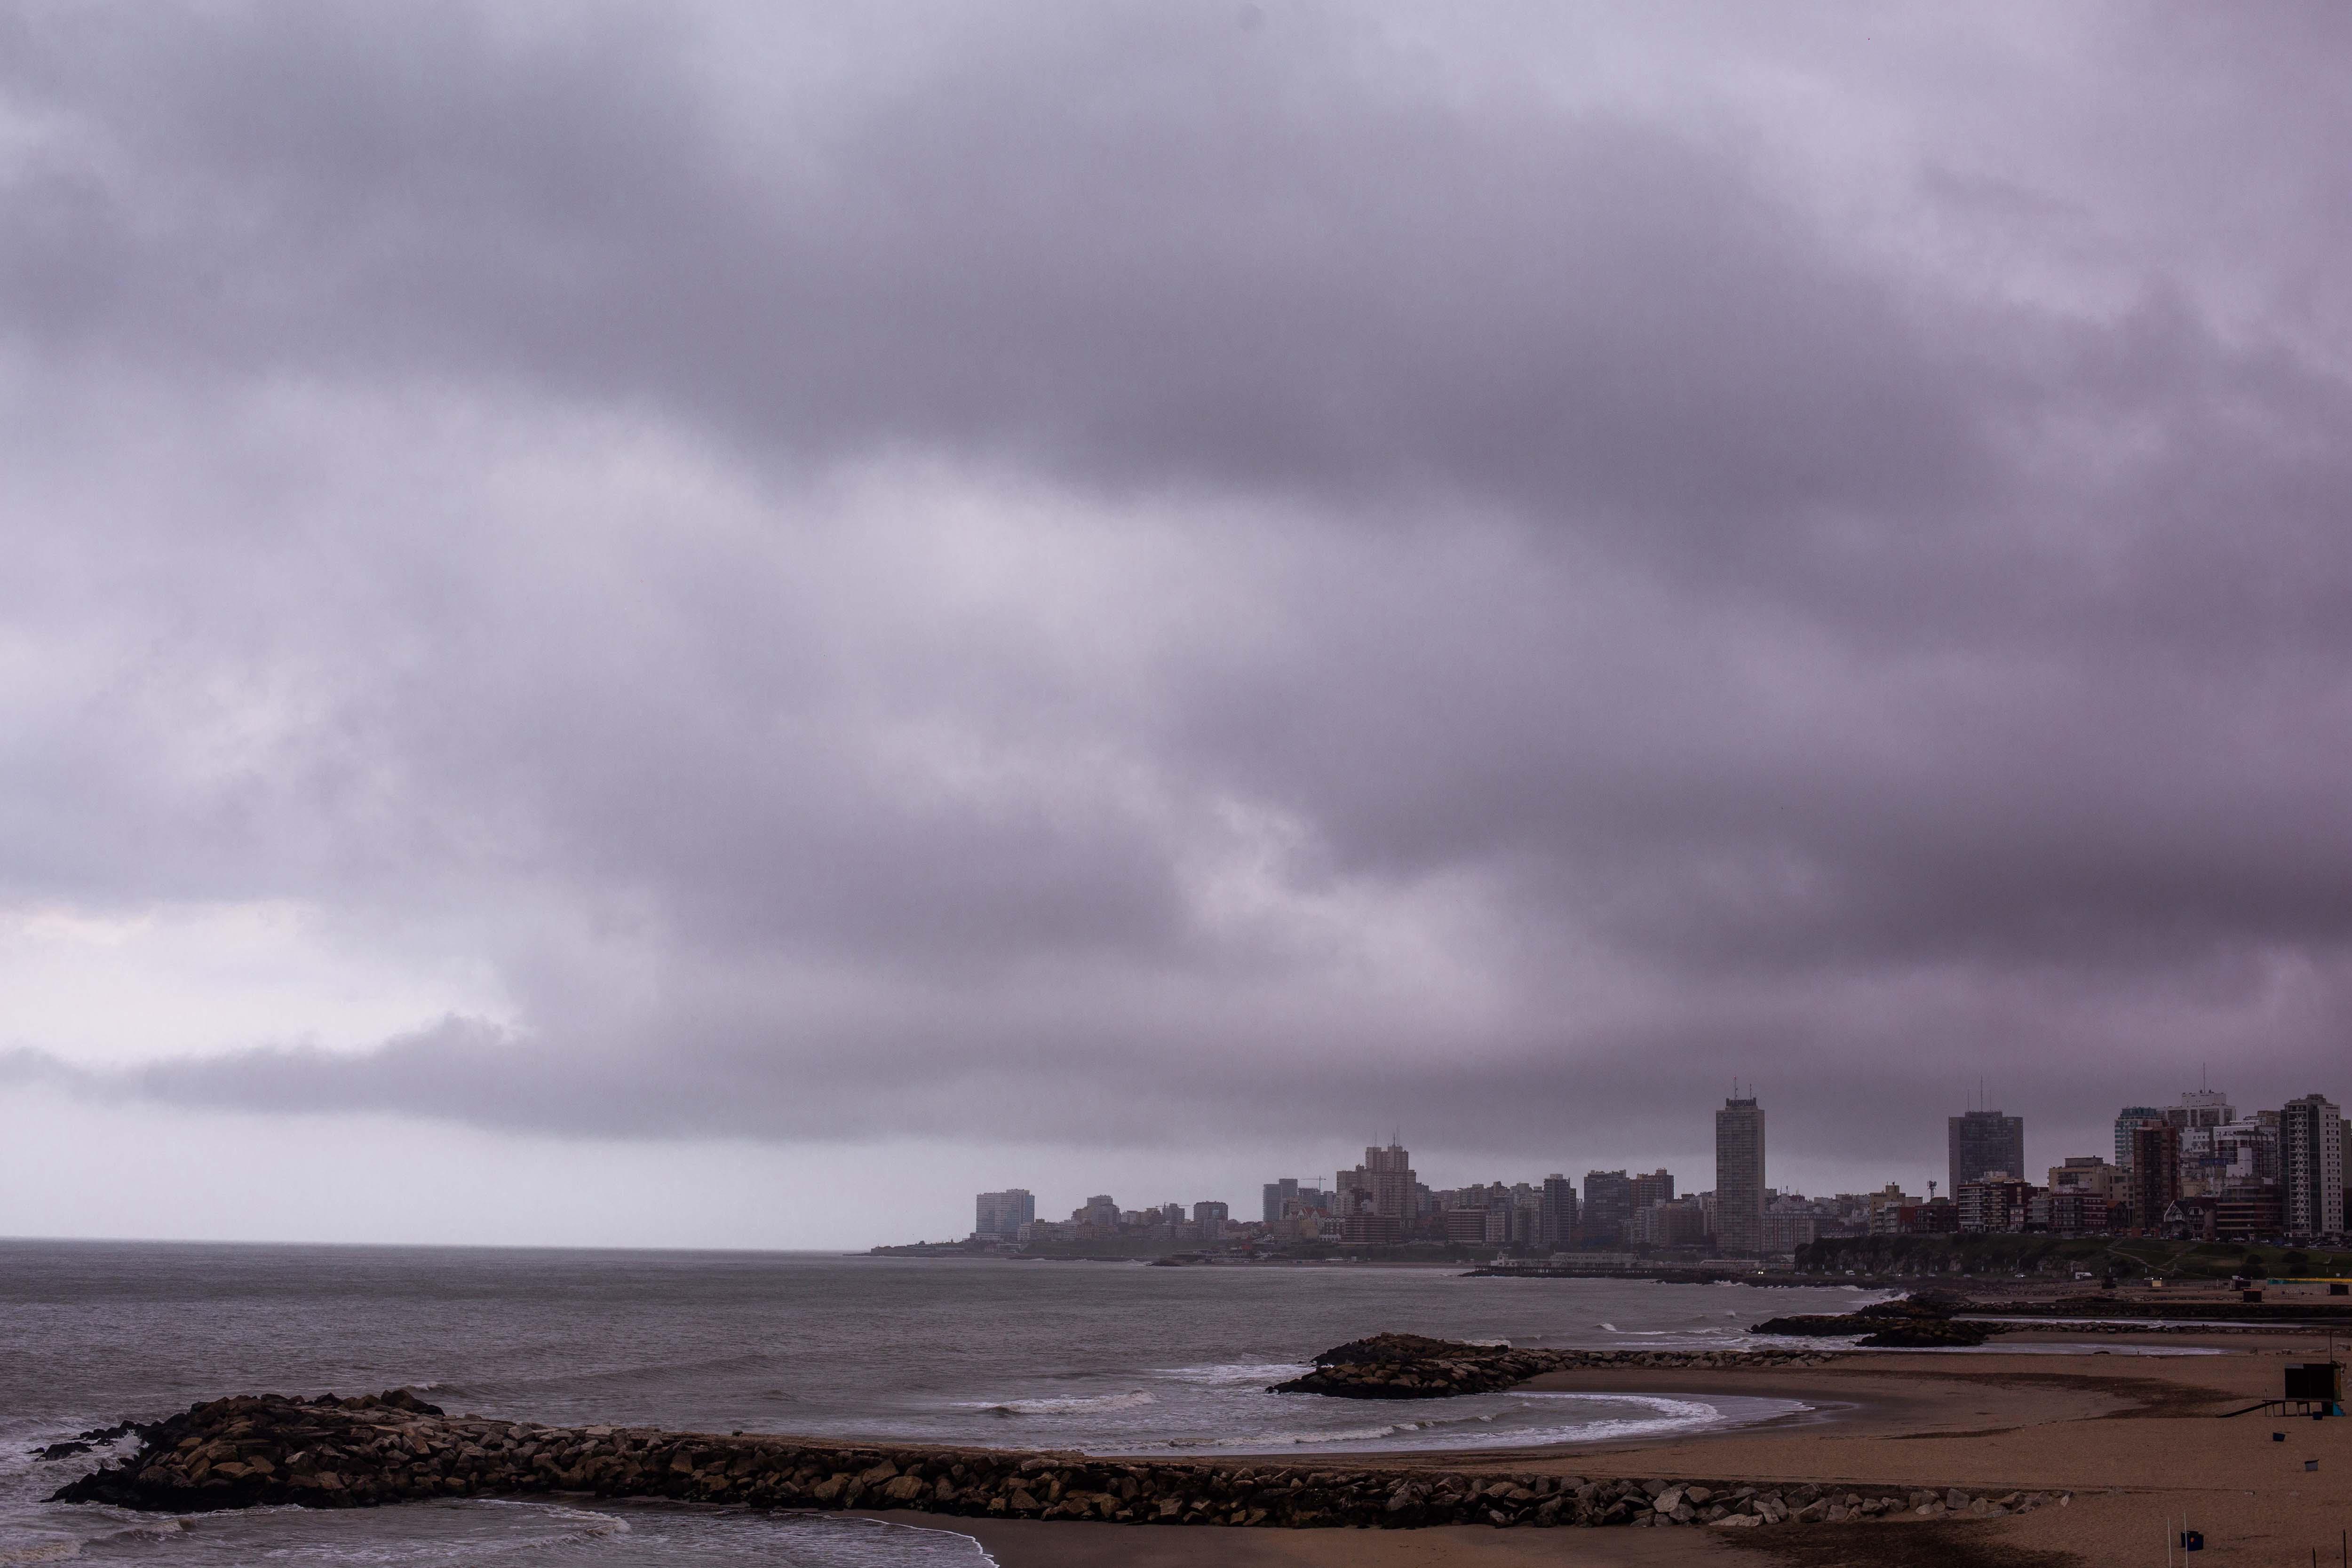 Rige alerta amarillo por fuertes vientos para Mar del Plata, Miramar, Pinamar y Villa Gesell